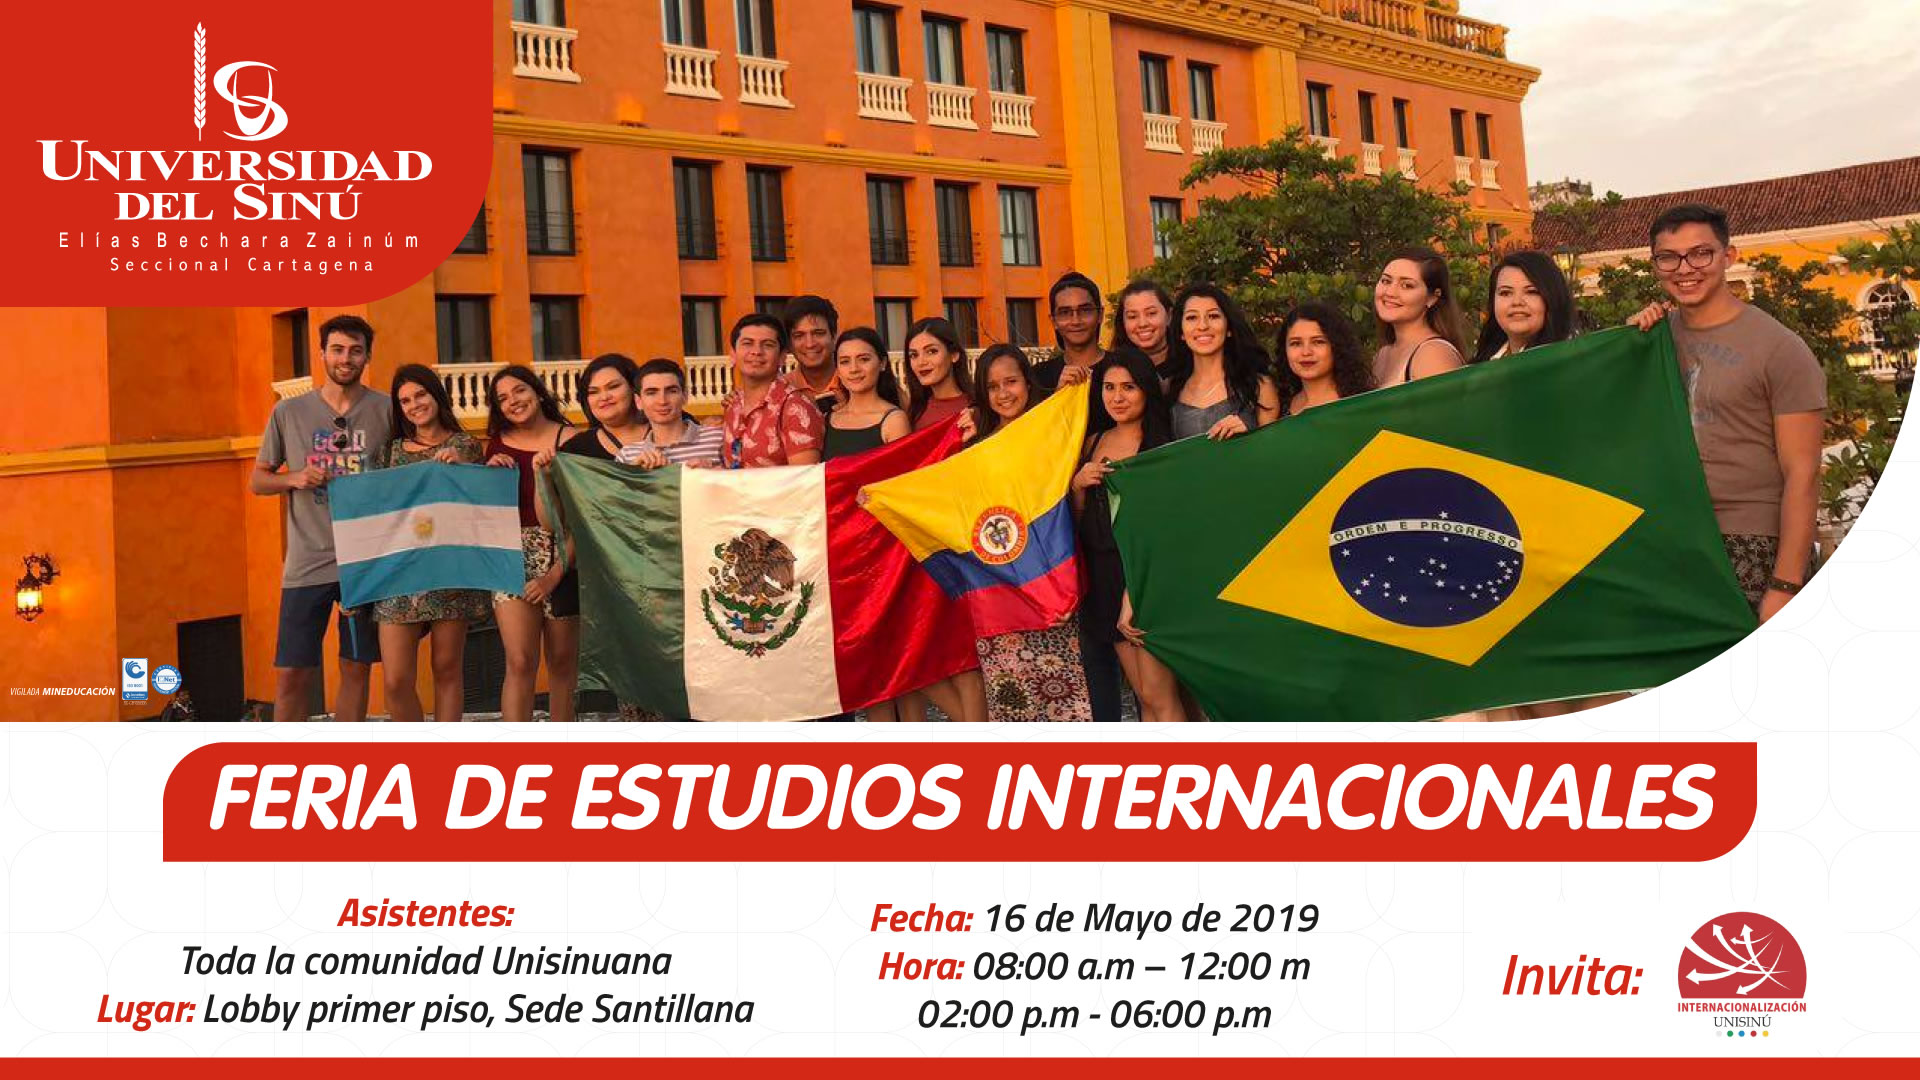 FERIA DE ESTUDIOS INTERNACIONALES